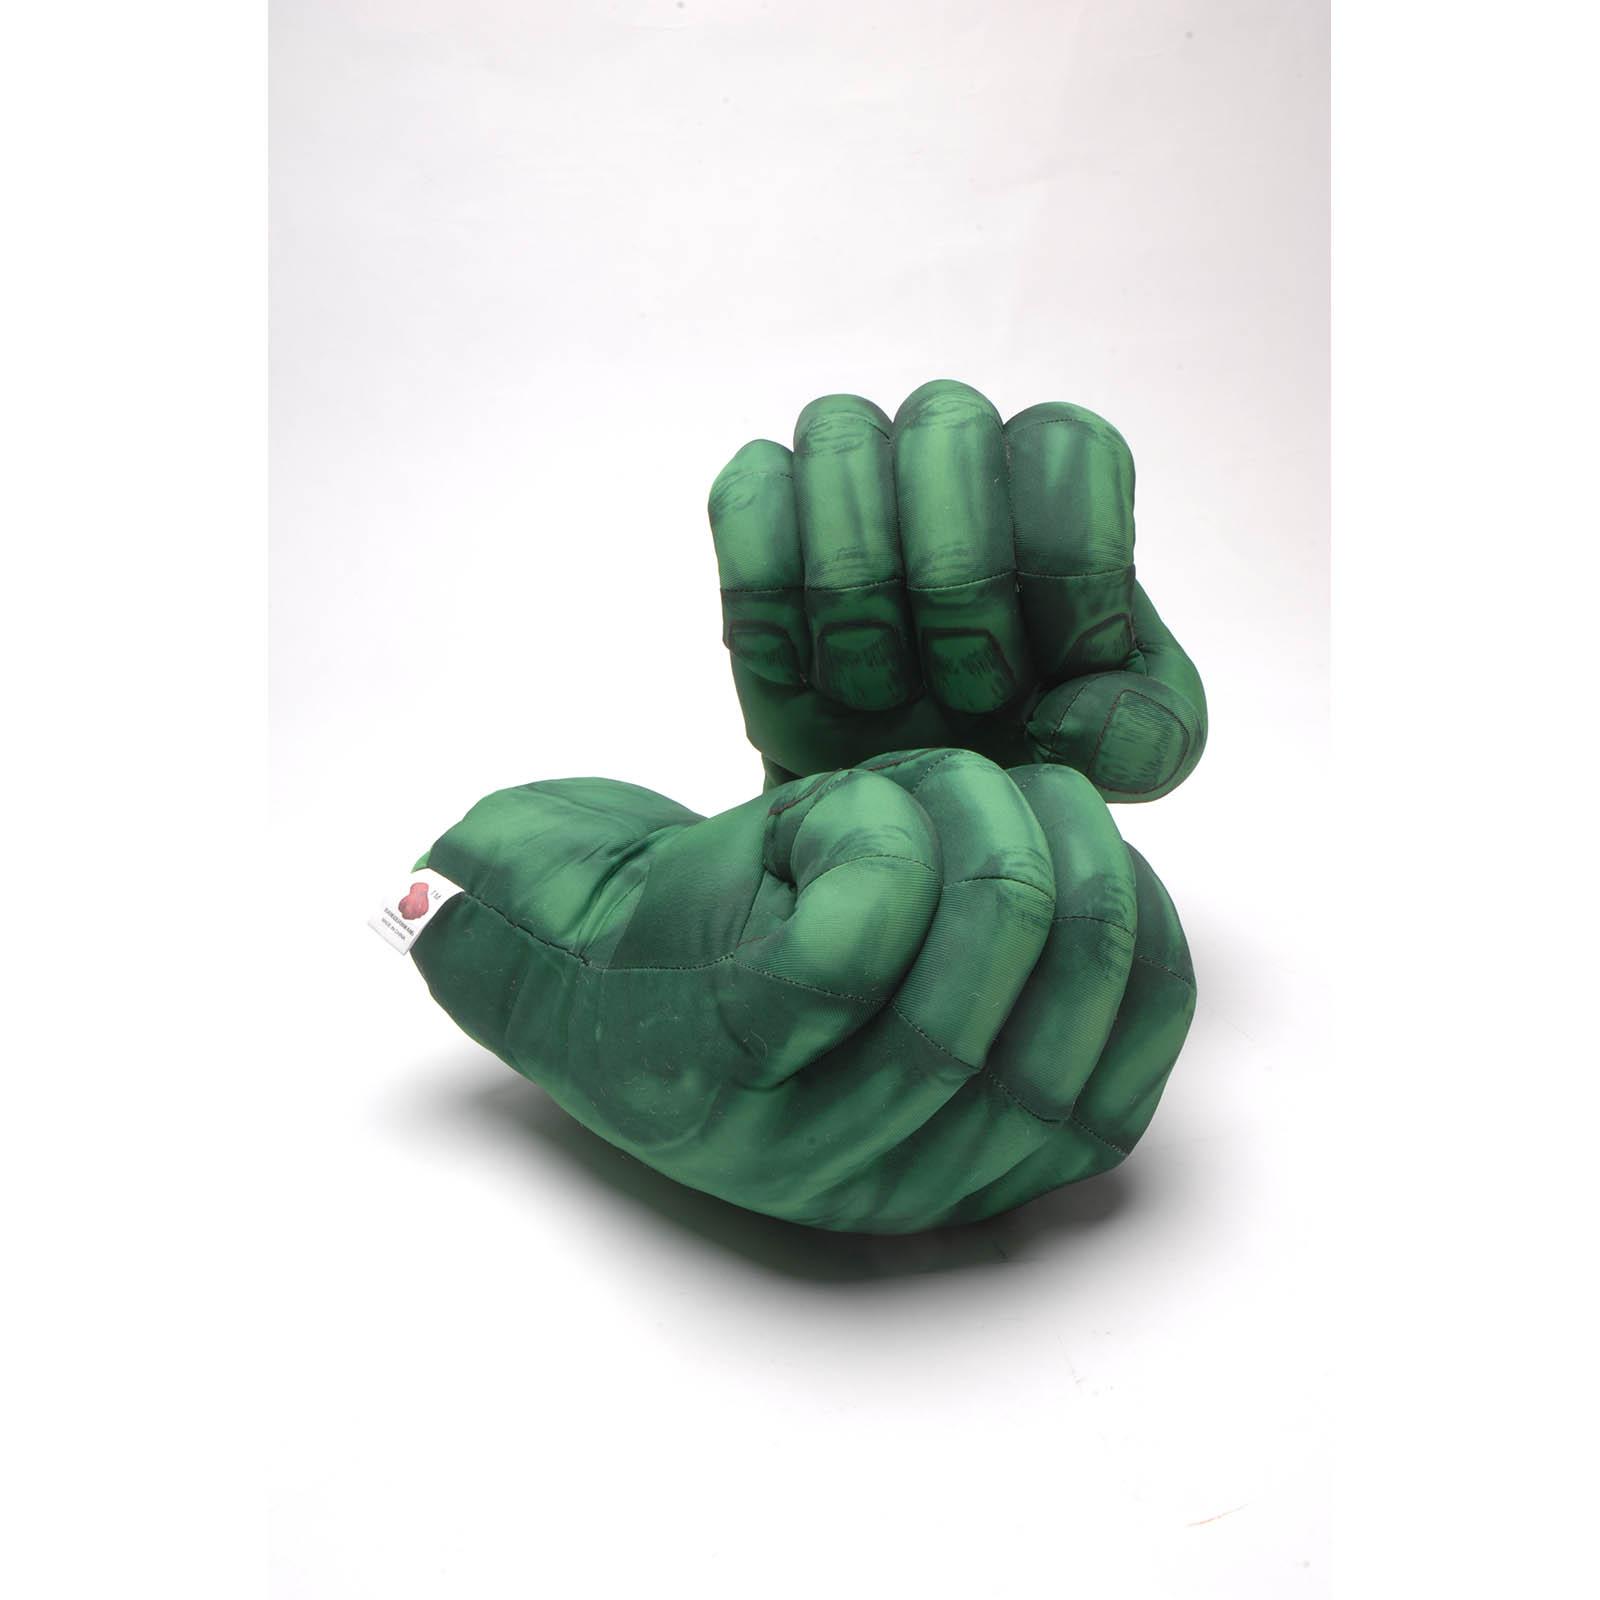 1set of 2 Marvel Grün Hulk Plush Punching Boxing Handschuhe Gloves